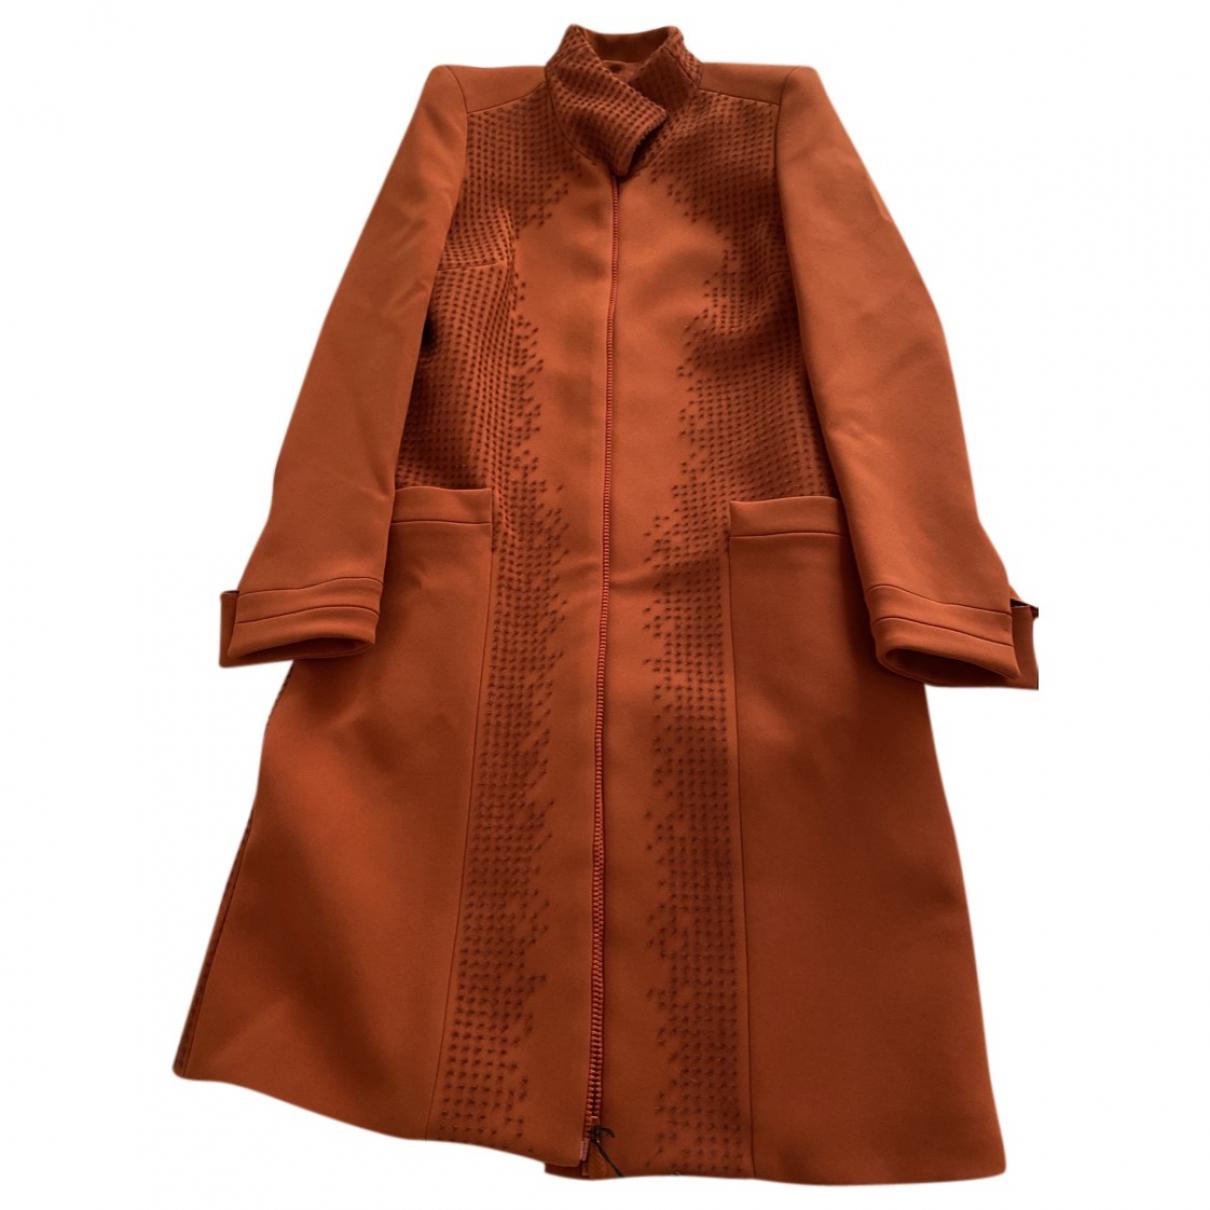 Bottega Veneta \N Orange coat for Women 42 IT